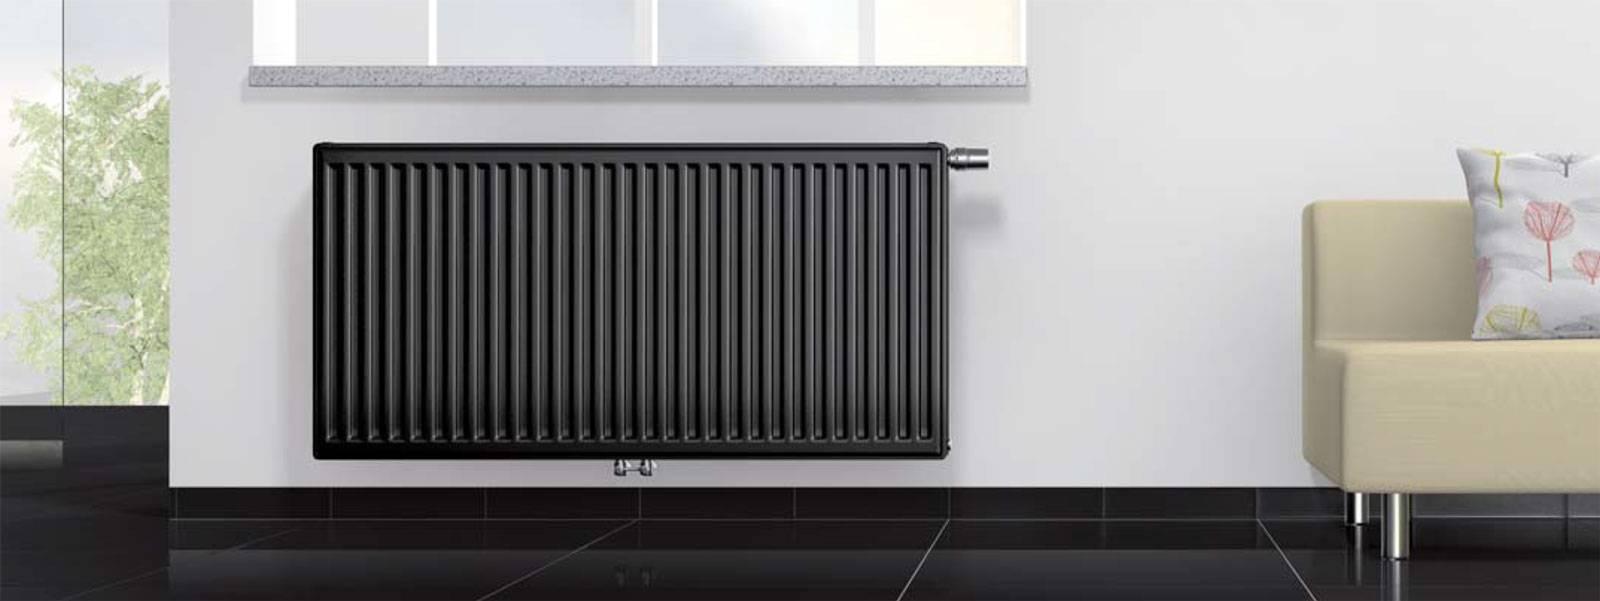 Стальные радиаторы отопления (51 фото): какие батареи лучше для частного дома, с нижним подключением, отзывы